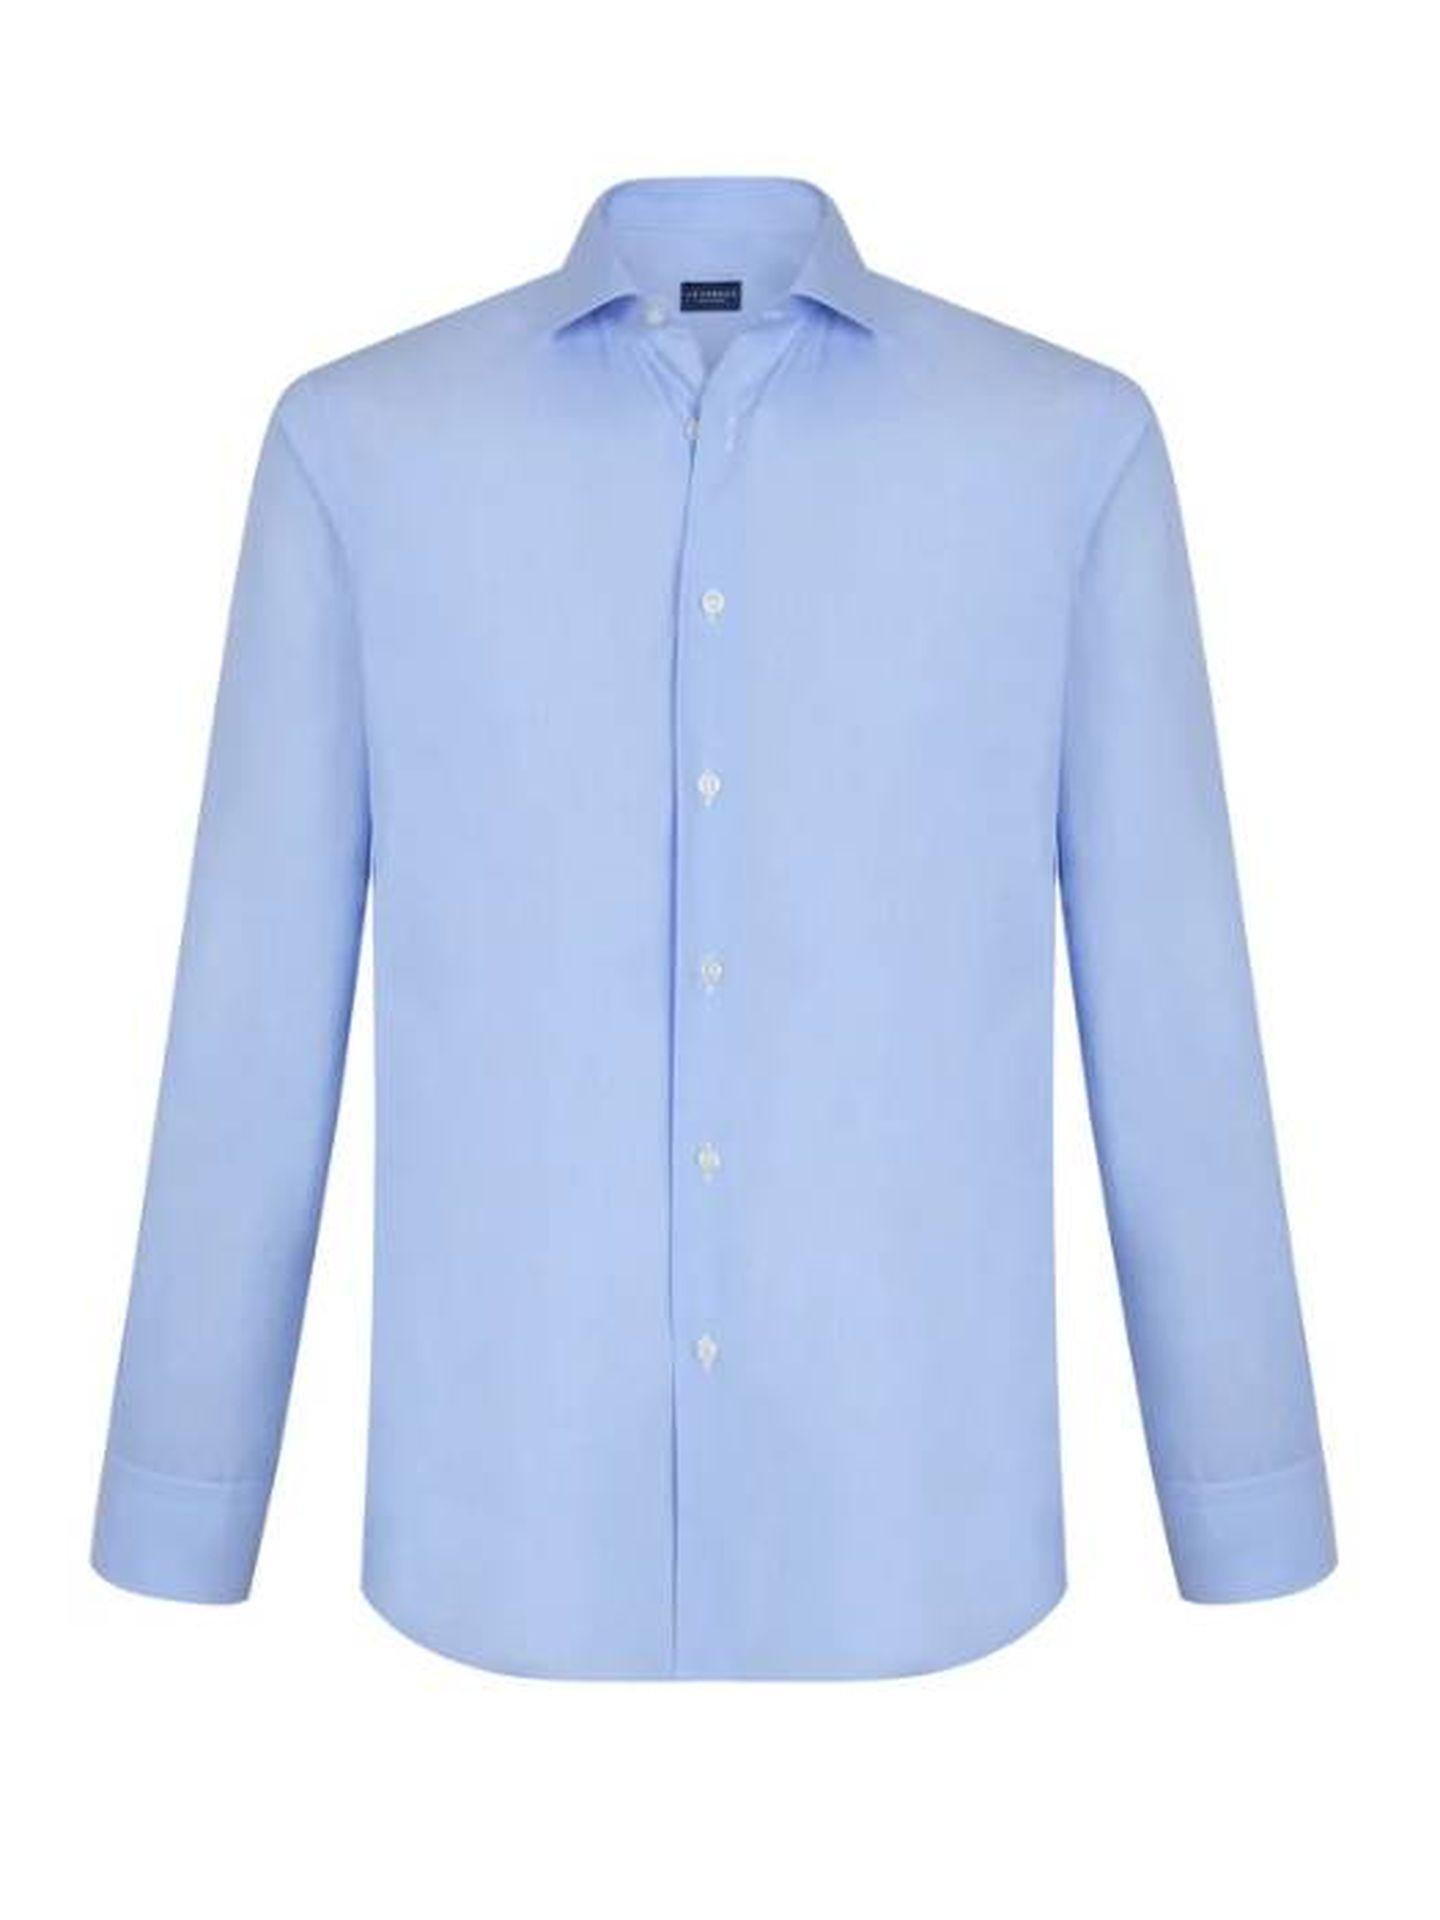 La Fábrica de las Camisas. (45€)